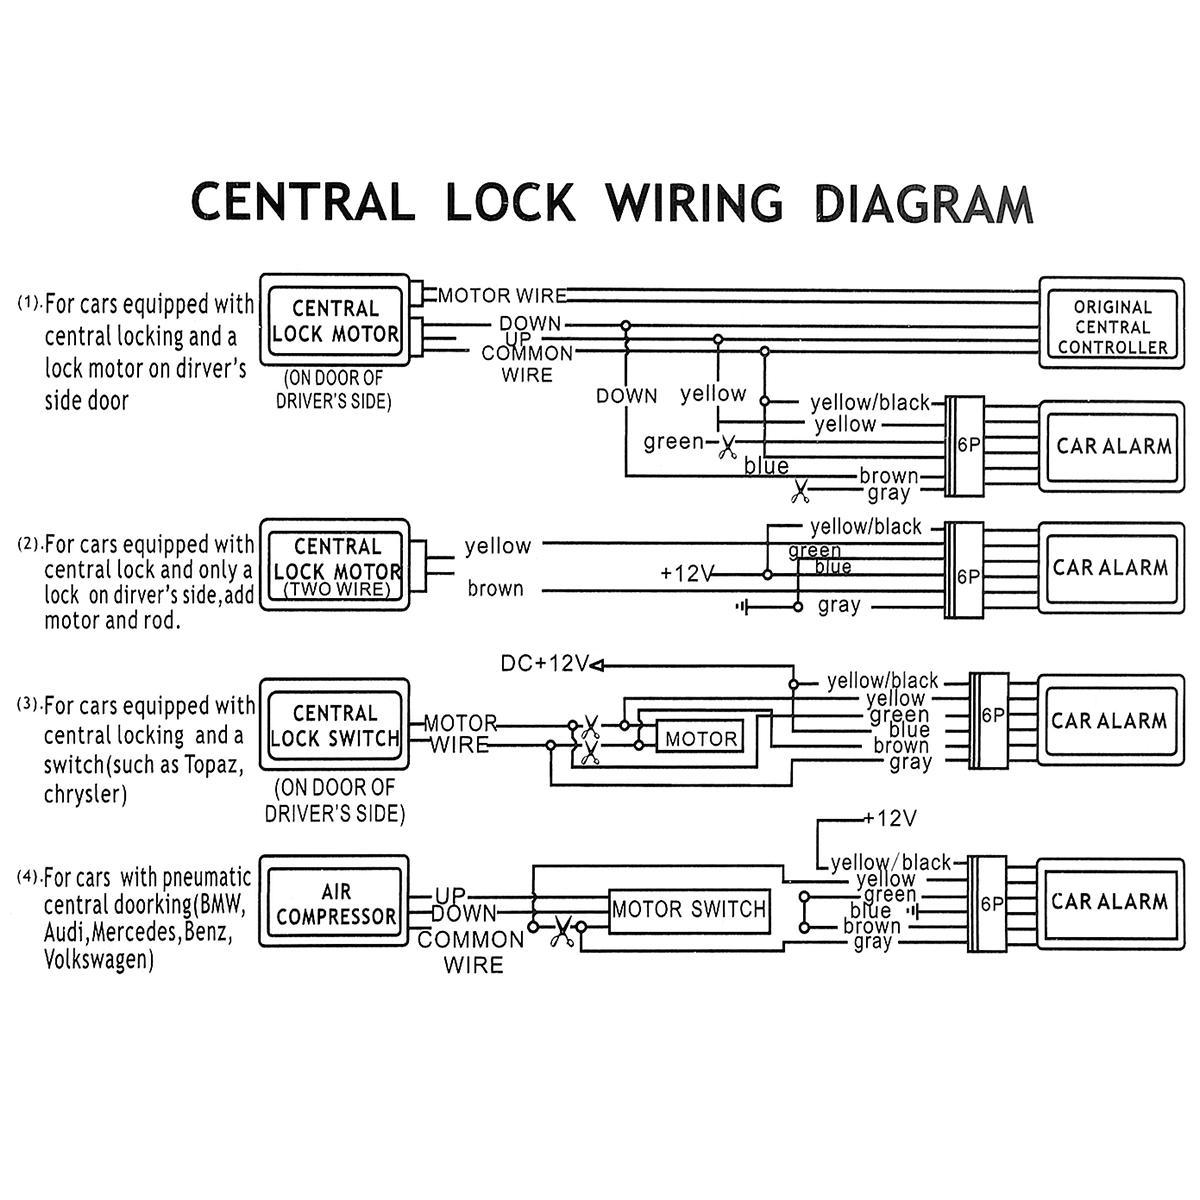 car keyless entry wiring diagram 2020 12v car alarm system vehicle keyless entry system with remote  2020 12v car alarm system vehicle